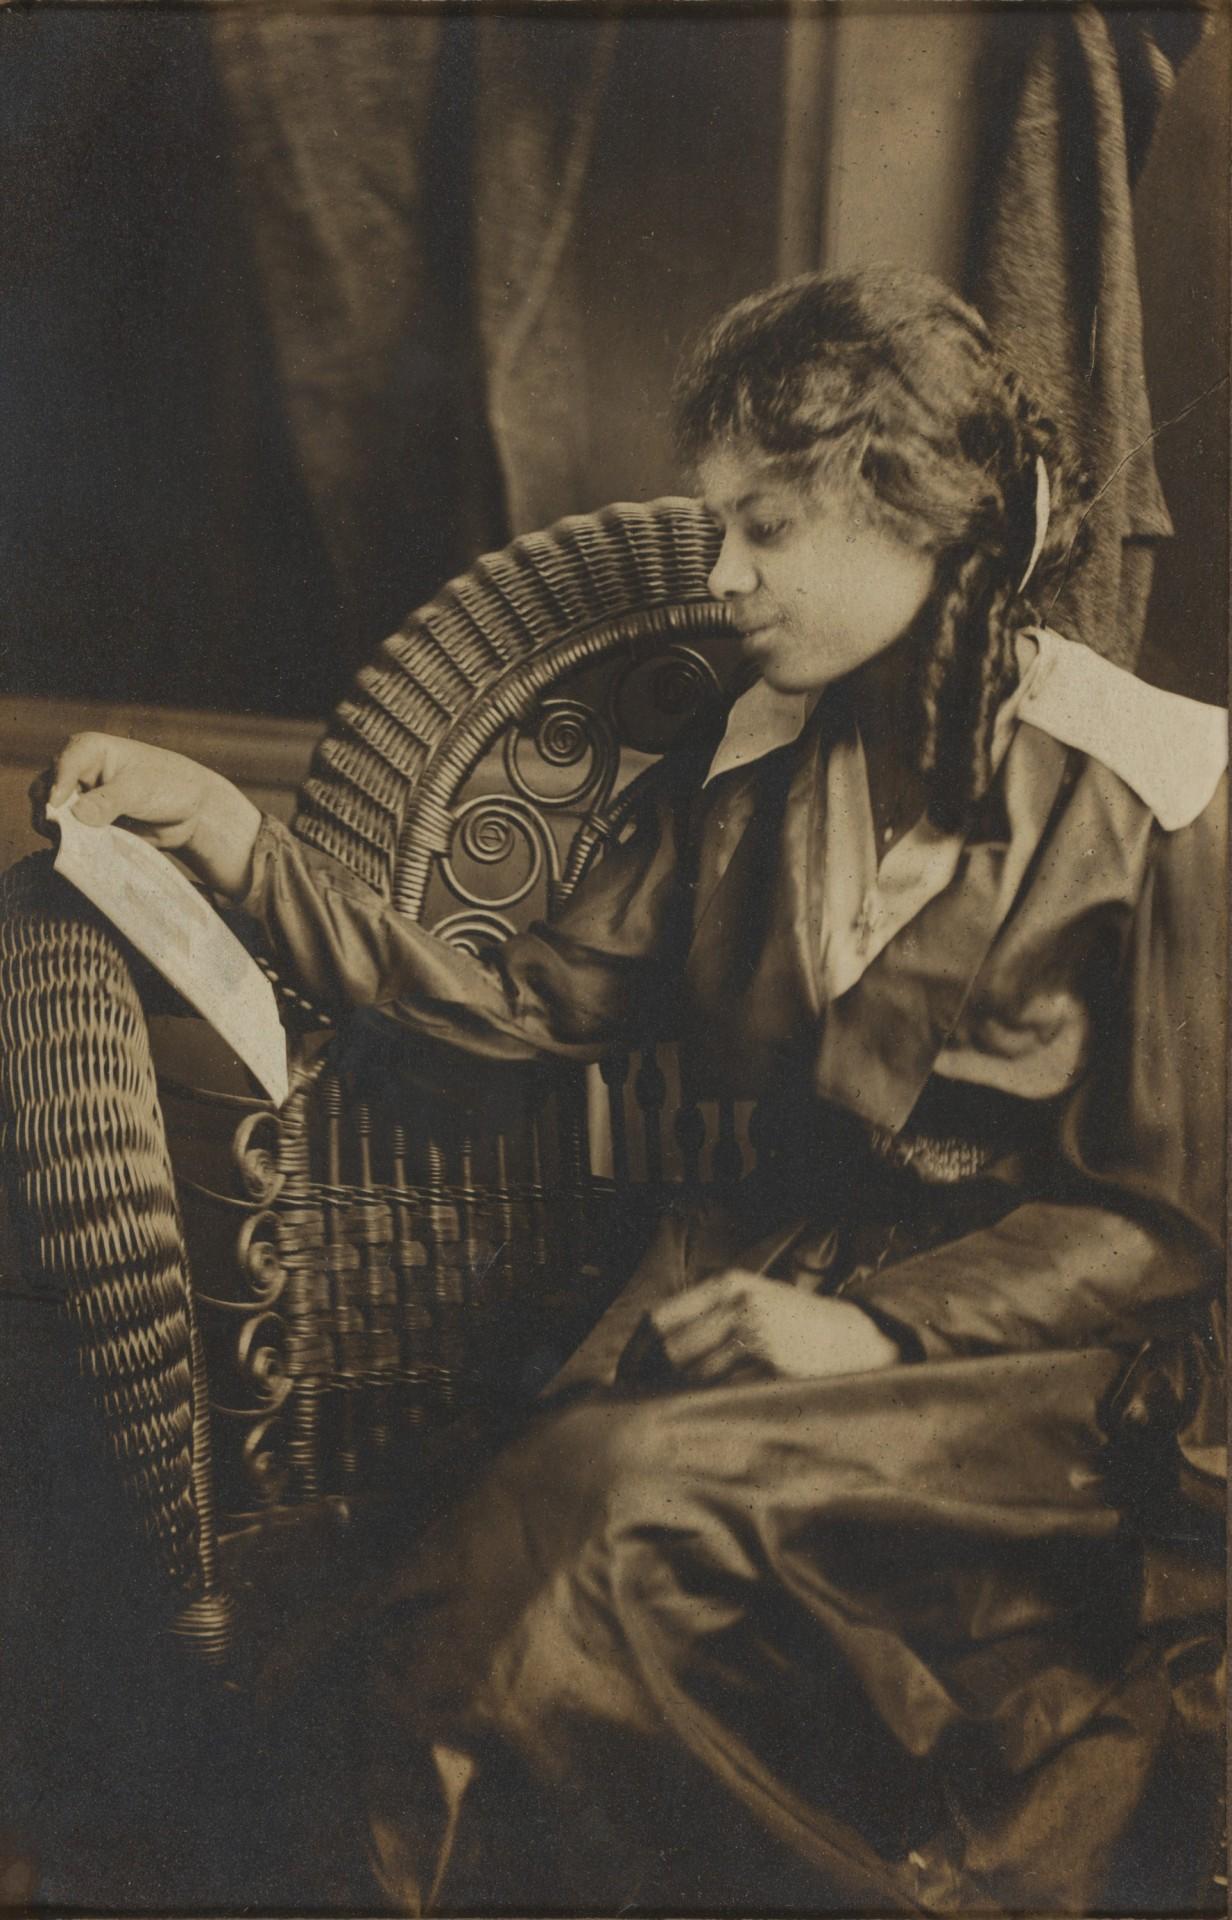 Читающая девушка, начало 20-го века